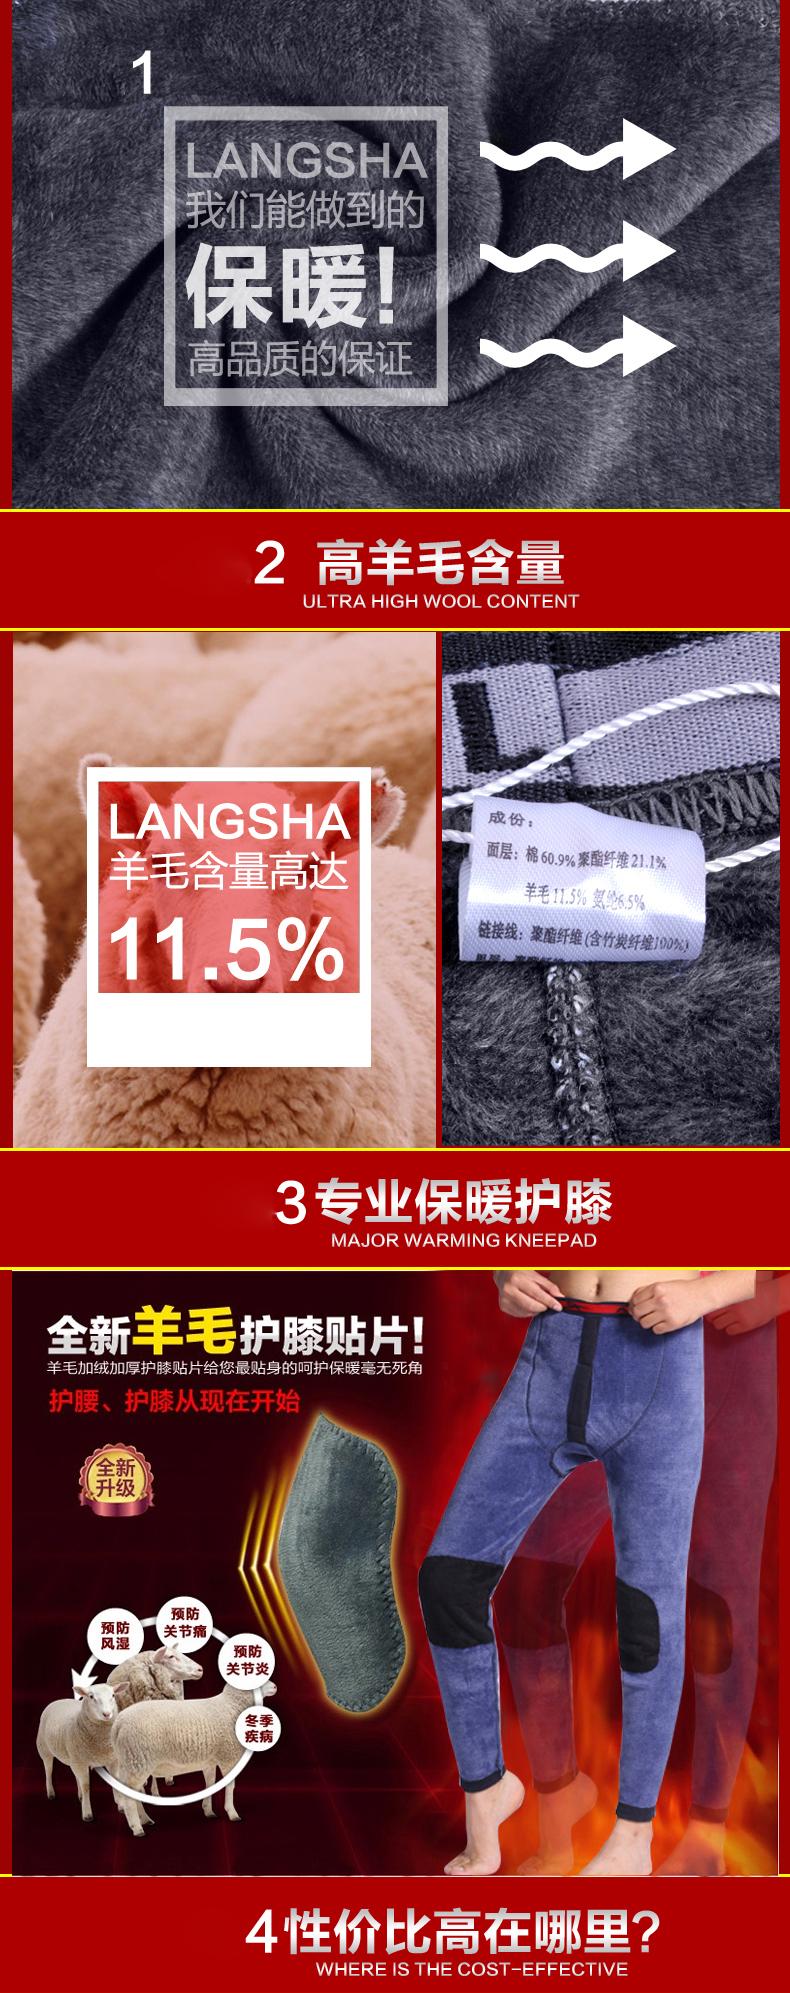 Pantalon collant jeunesse L88890 en coton - Ref 752338 Image 10